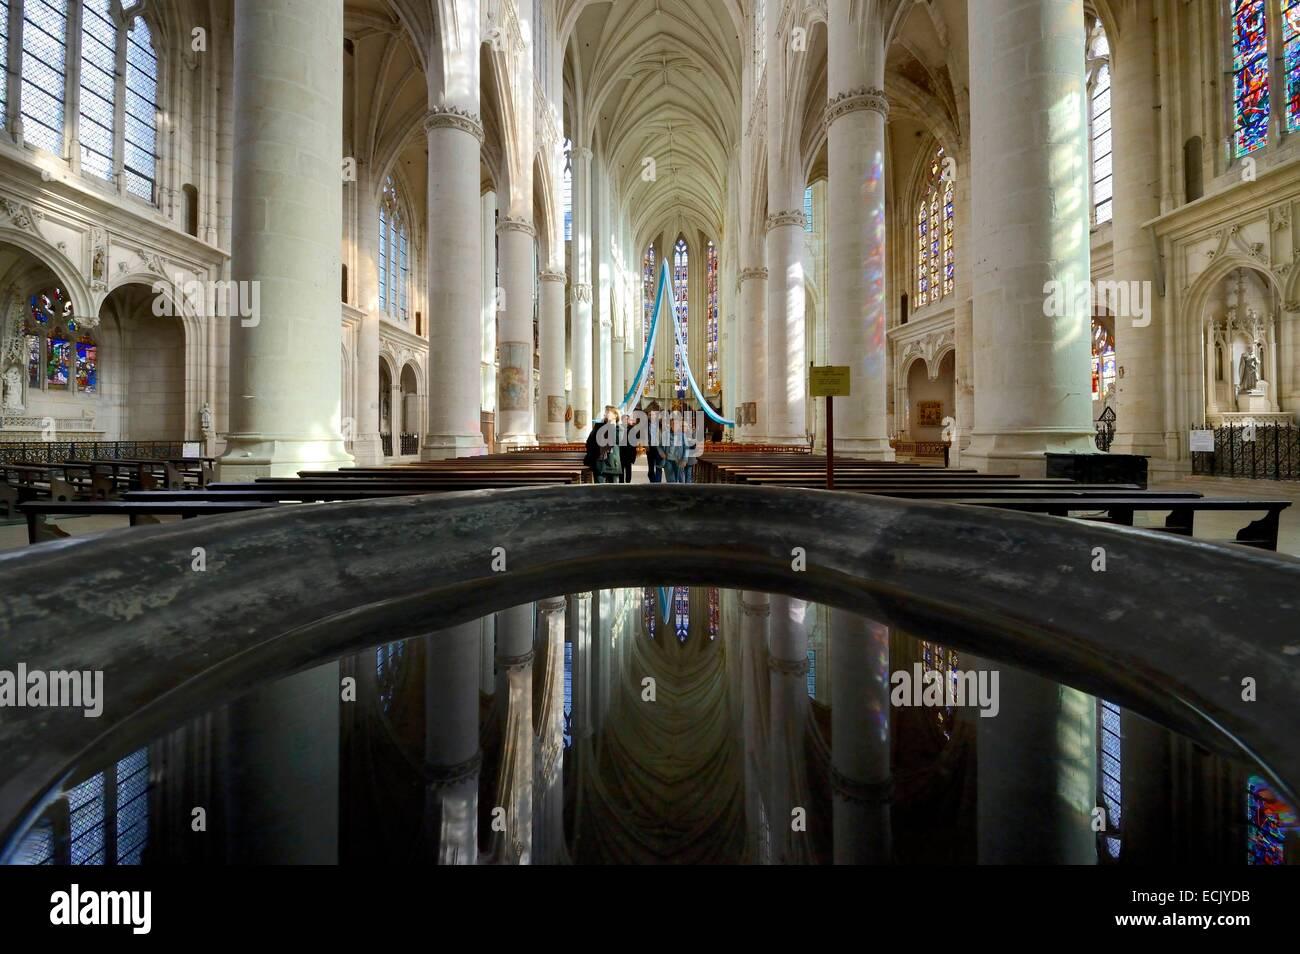 France, Meurthe et Moselle, Saint Nicolas de Port basilica, the curve nave - Stock Image